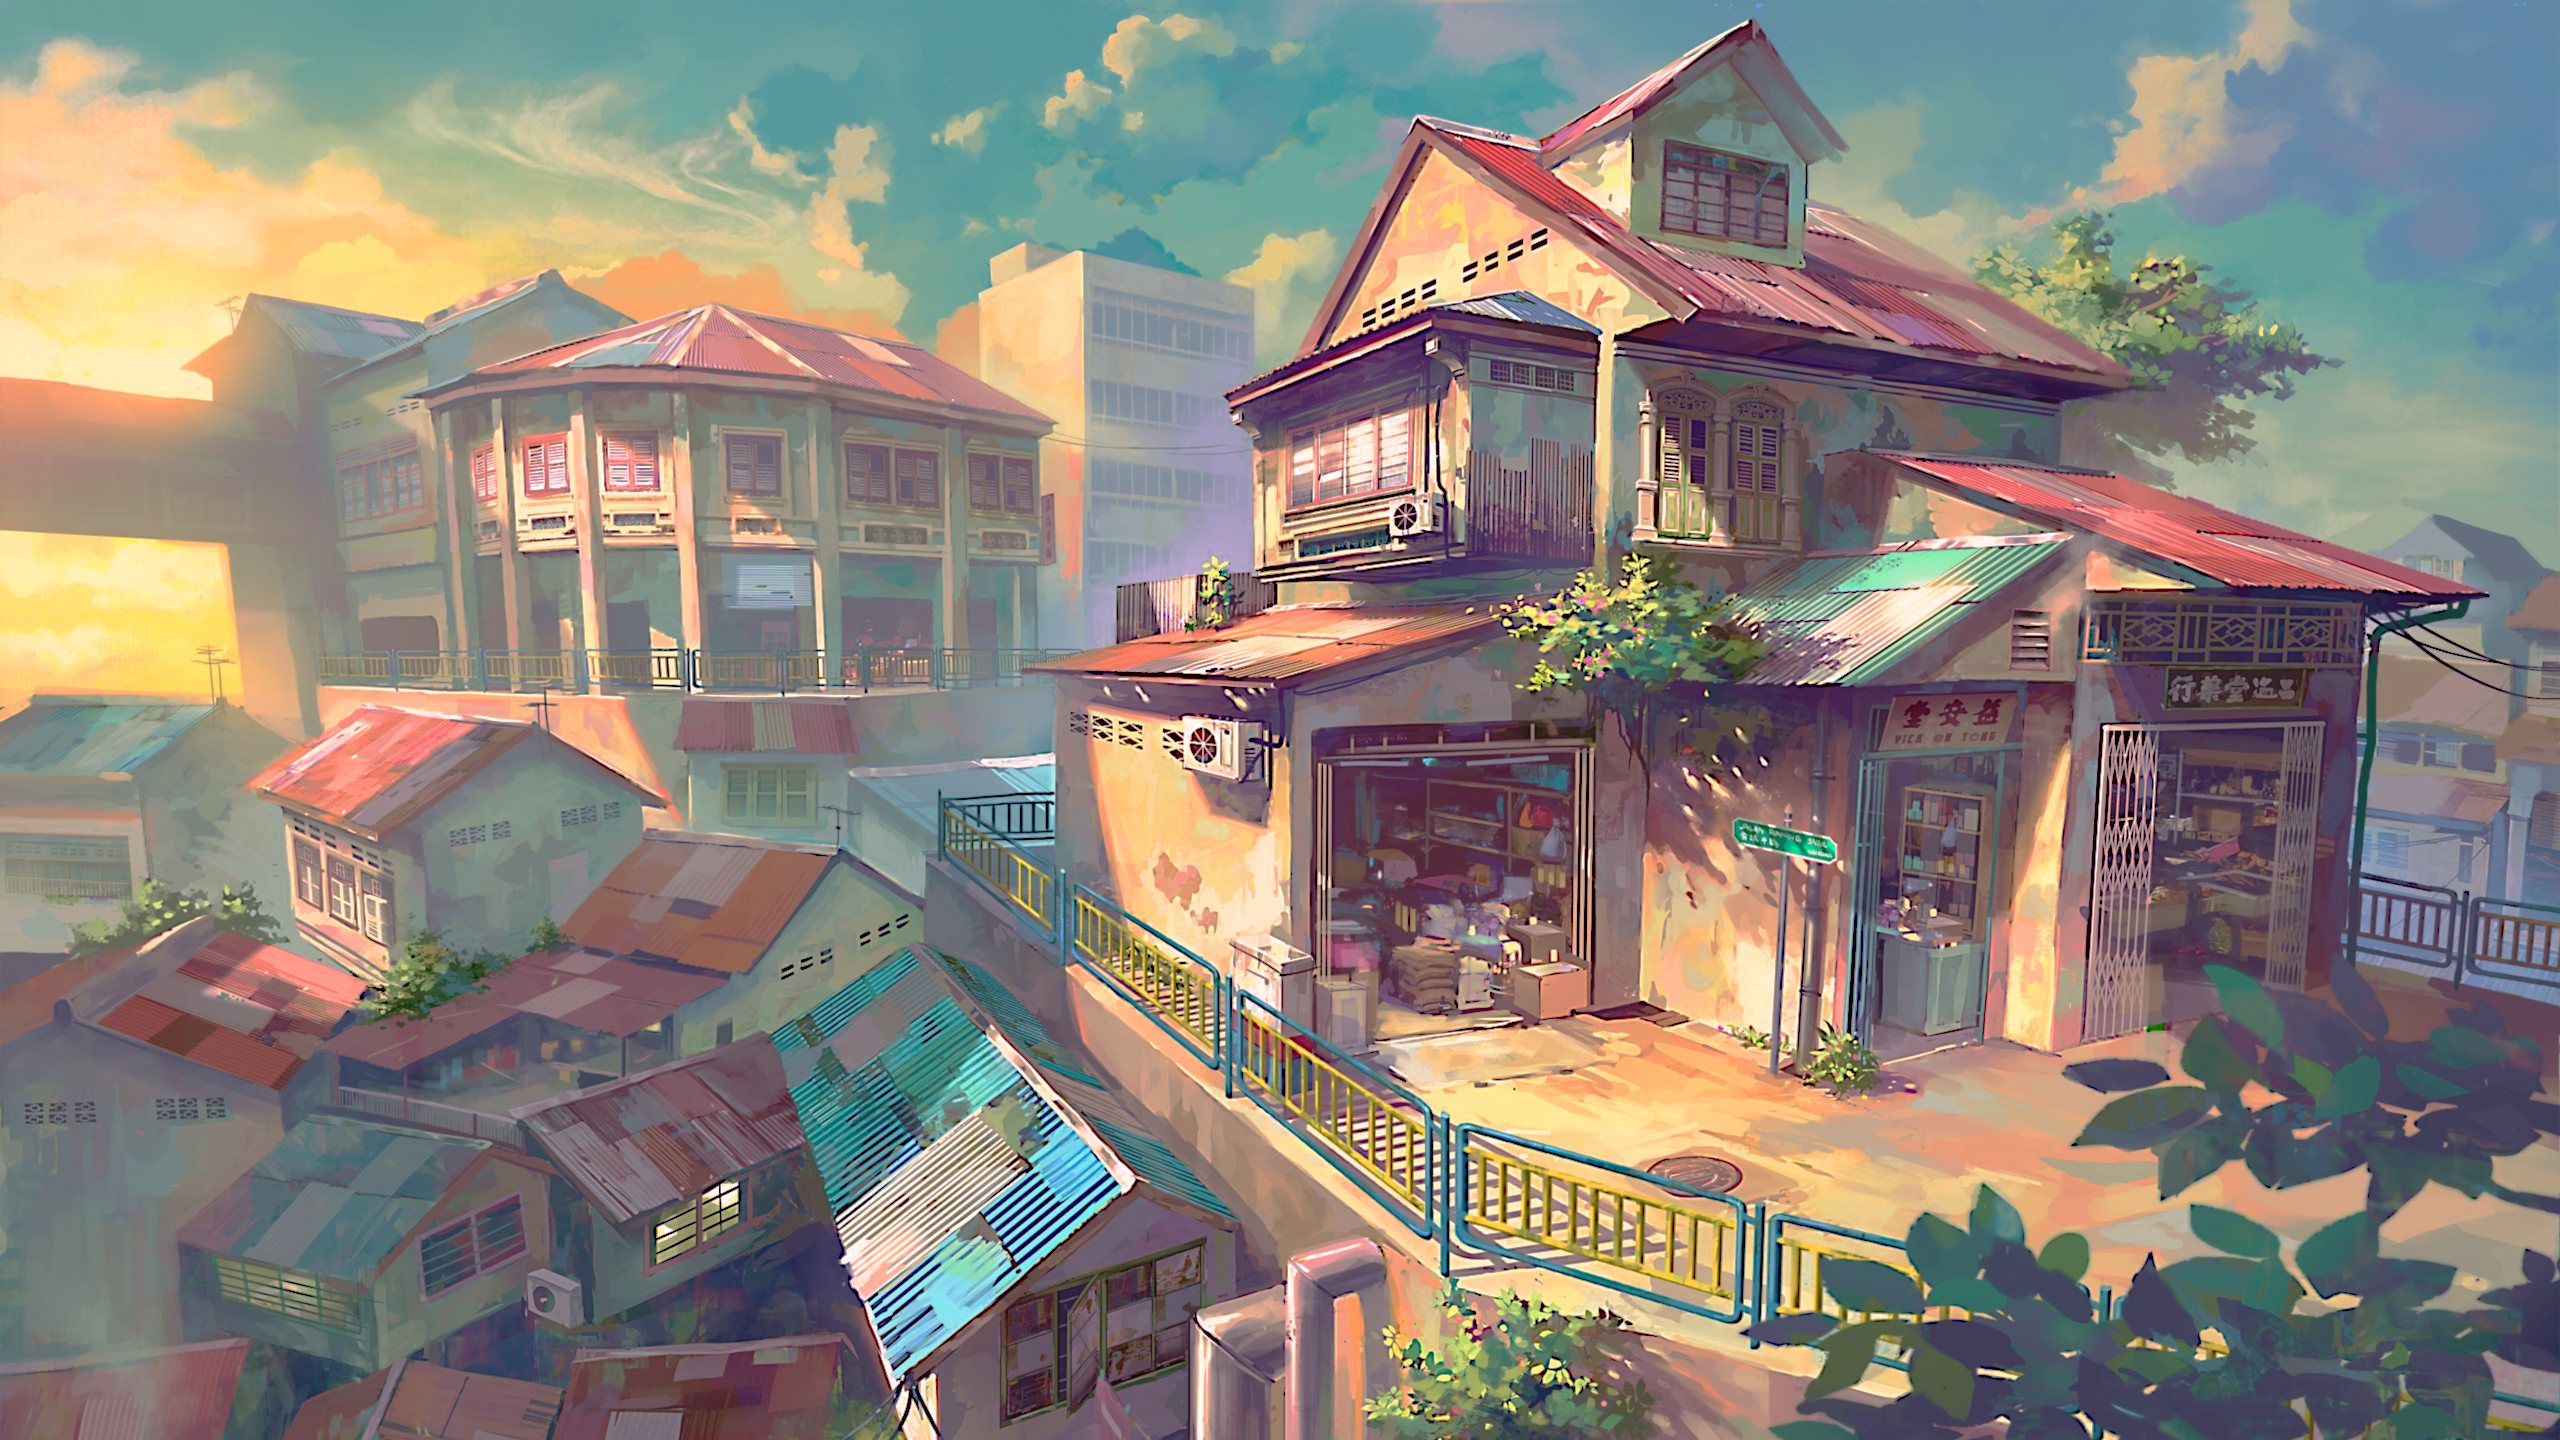 denseneighborhood.jpg